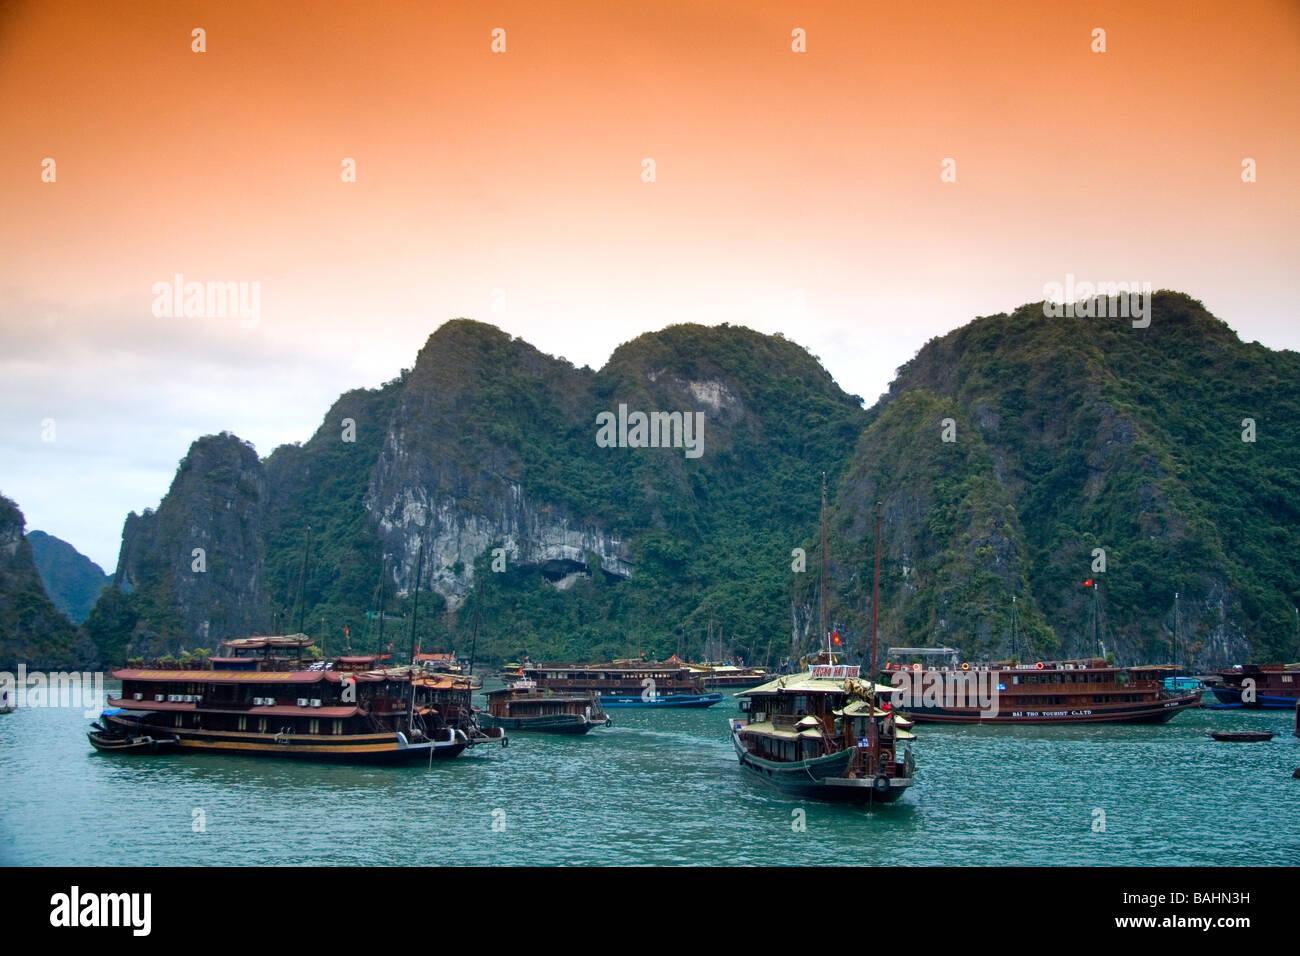 Vedute panoramiche di pietre calcaree carsiche e le imbarcazioni turistiche nella Baia di Ha Long Vietnam Immagini Stock